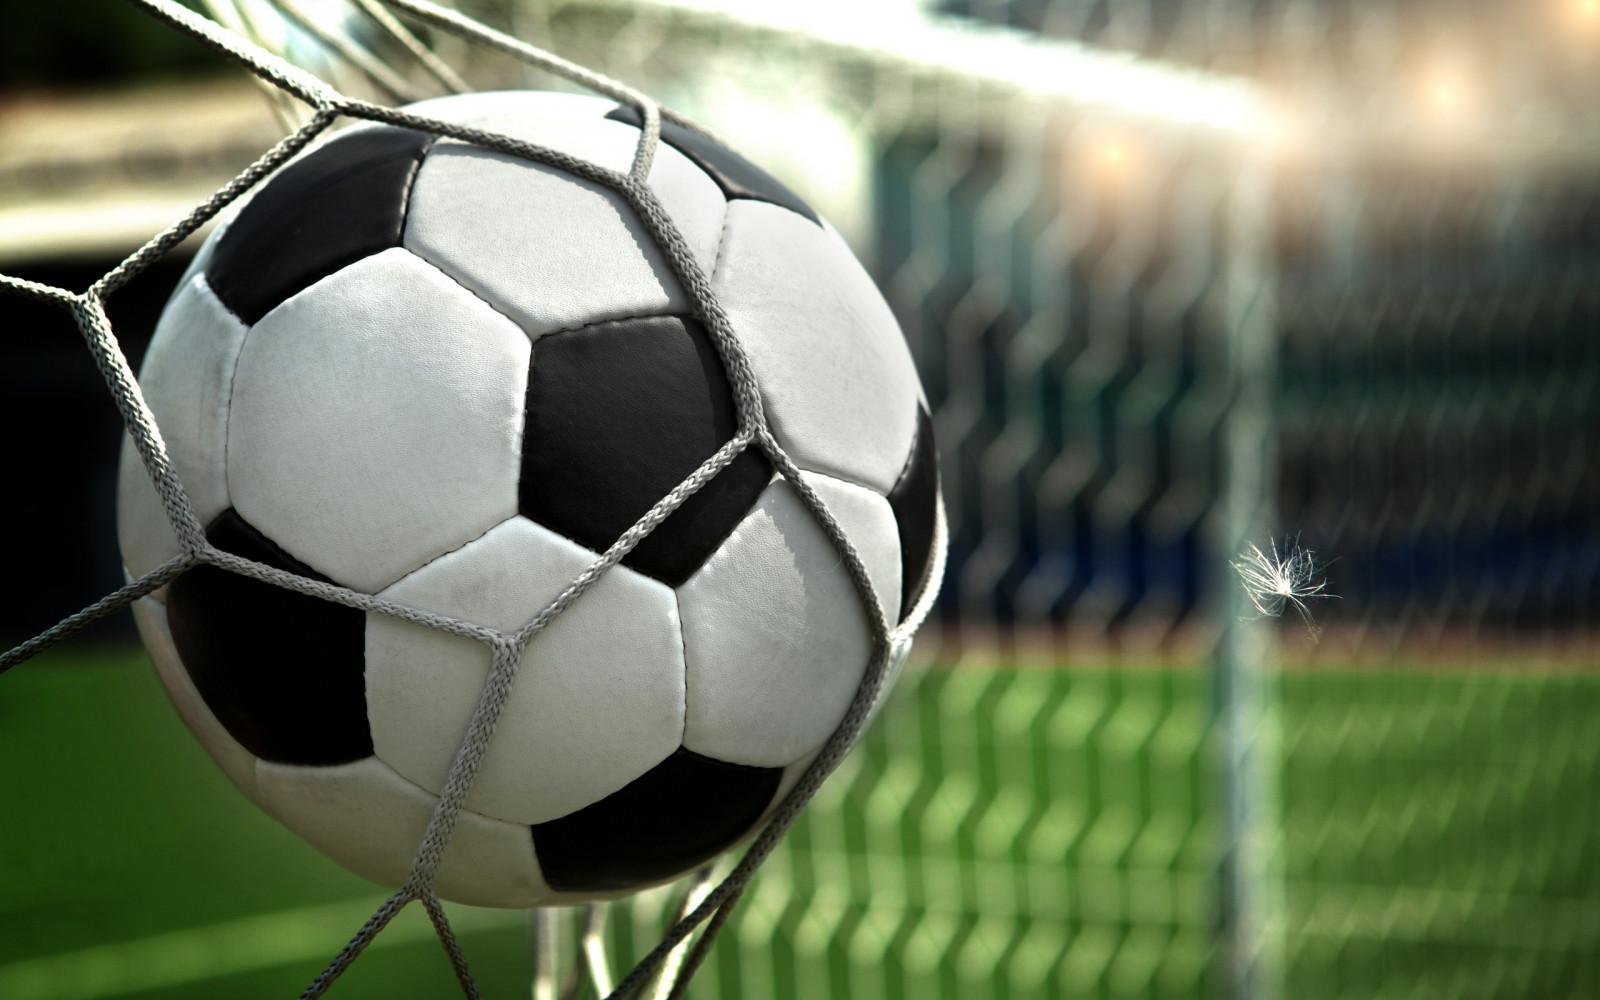 Gol fútbol estadio pelota rueda red pluma fútbol jugador jugador de fútbol equipo deportivo complejo deportivo Estadio específico de fútbol